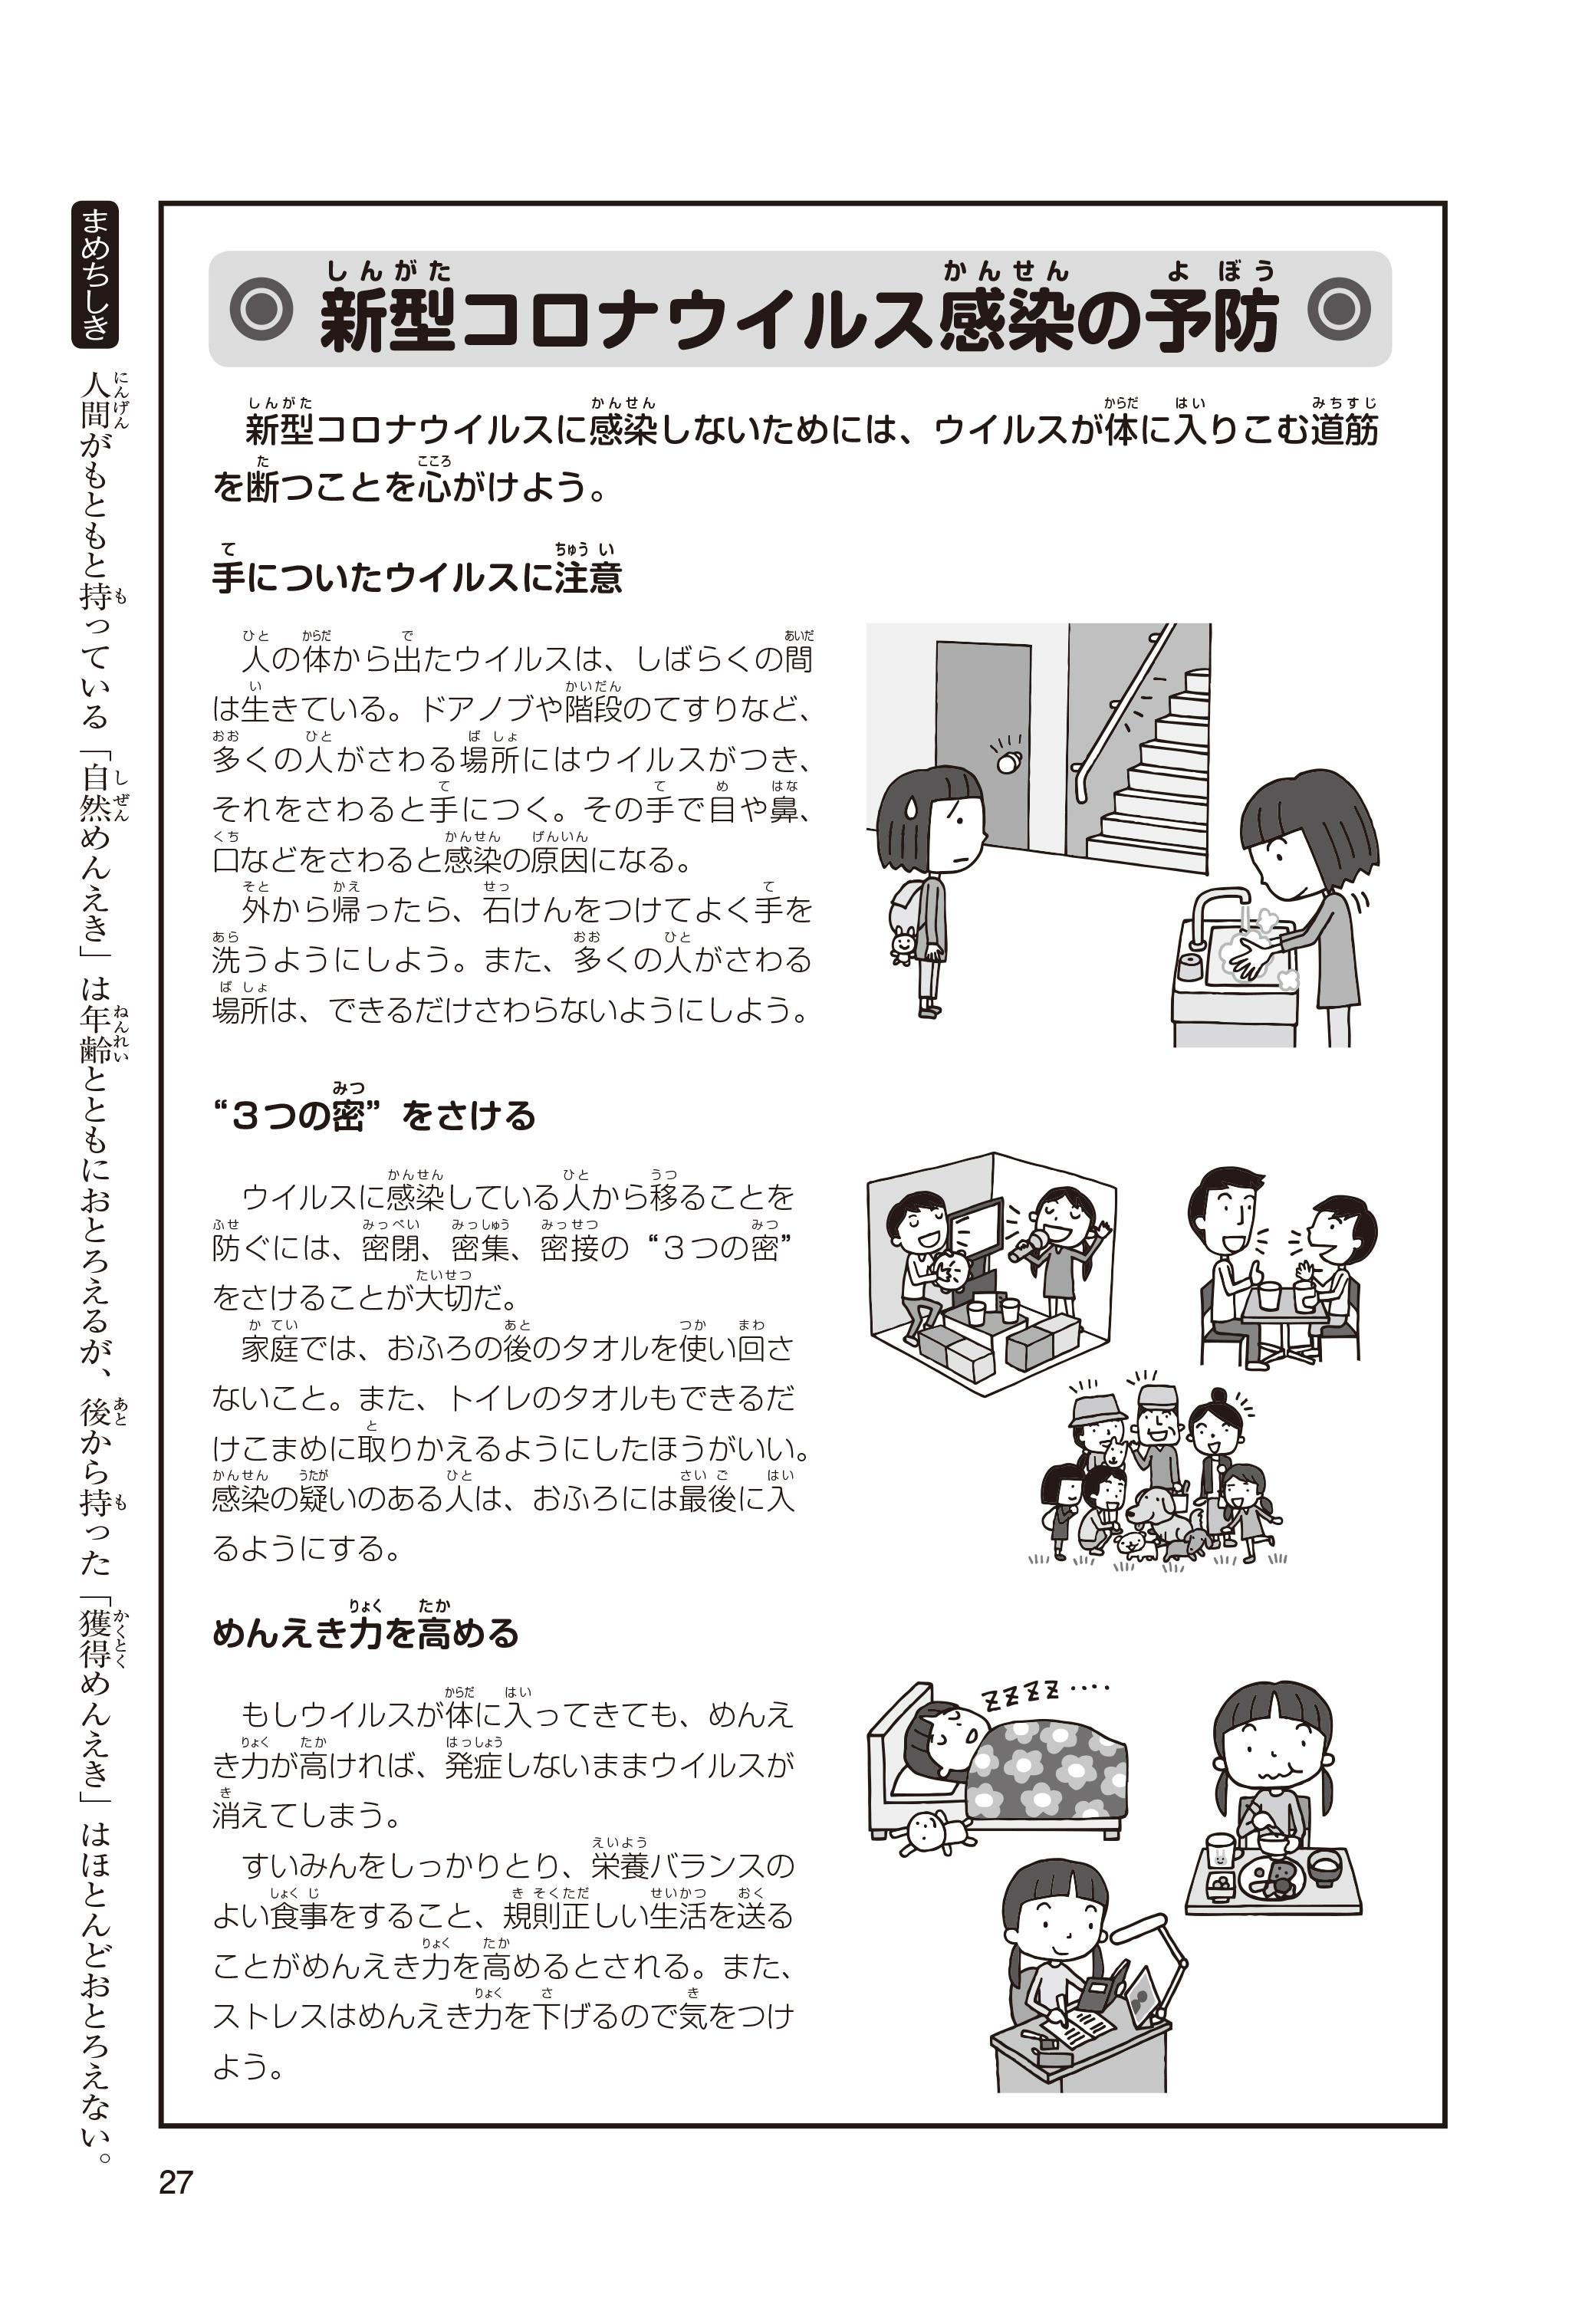 「新型コロナウィルス感染の予防」本誌紙面